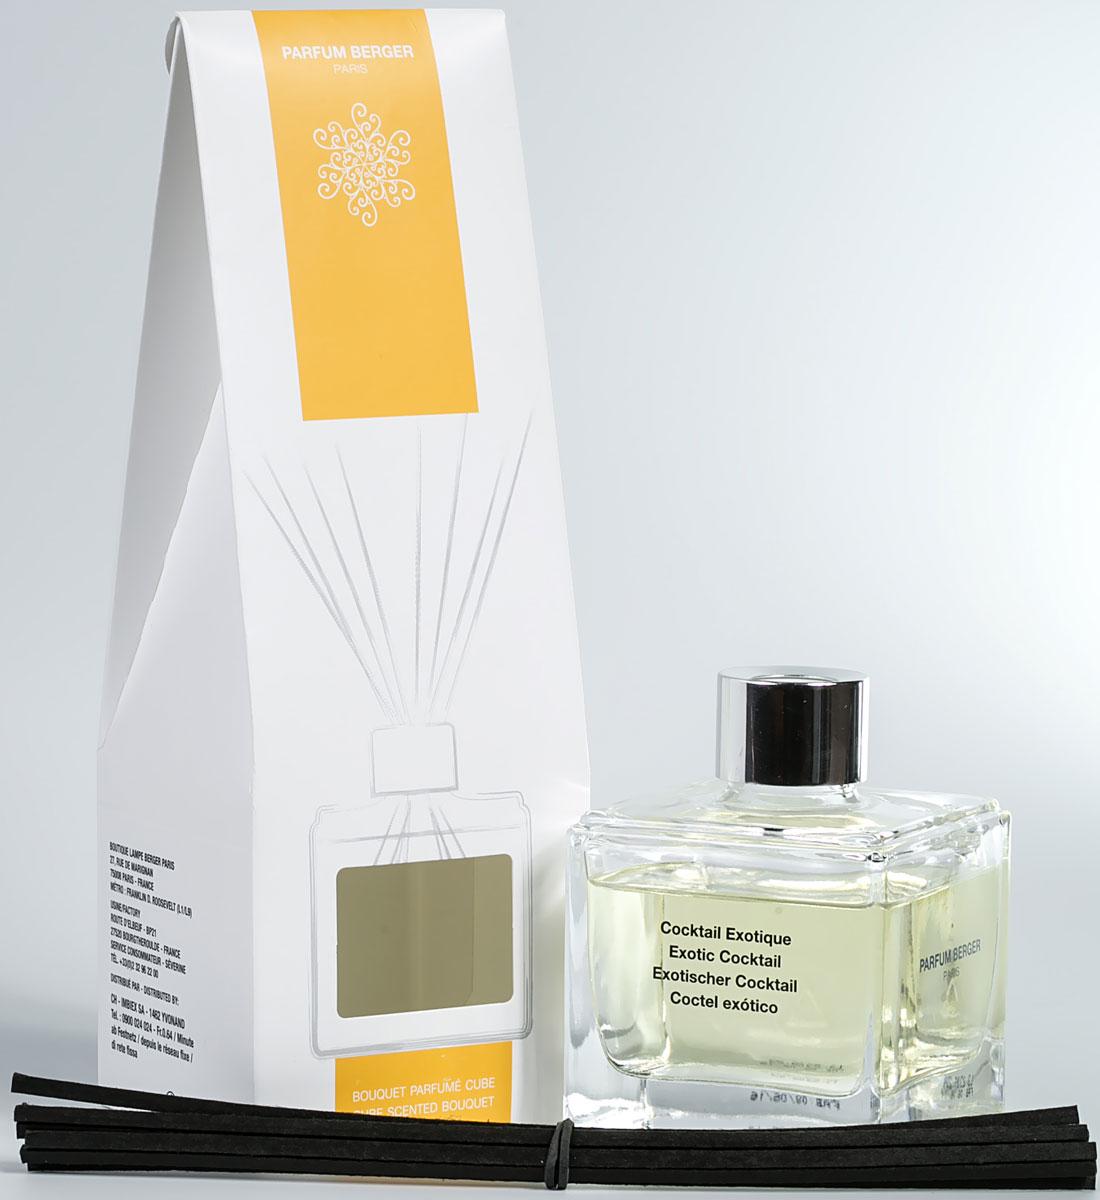 Диффузор ароматический Parfum Berger Экзотический коктейль, с палочками, 125 мл. 20000000473002000000047300Особенность диффузера Parfum Berger заключается в примененииинновационных полимерных палочек, что эффективнее любых тростниковых в5 раз. Остаточный эффект от аромажидкости остается в полимерныхпалочках еще на протяжении более 2-х недель и продолжает вас радовать, покавы не дольете во флакон свой любимый аромат. Комплект состоит из подарочной коробочки, строгого флакона 125 мл,изысканной аромажидкости и комплекта полимерных палочек.Элегантный куб из прозрачного стекла, украшенный серебристым кольцом, сэффектно смотрящимся букетом из черных палочек, которыйпридает композиции современный вид. Сделанные из технического полимера,8 палочек гарантируют идеальное распространение аромата. Нетеряют свой цвет при контакте с содержимым флакона.